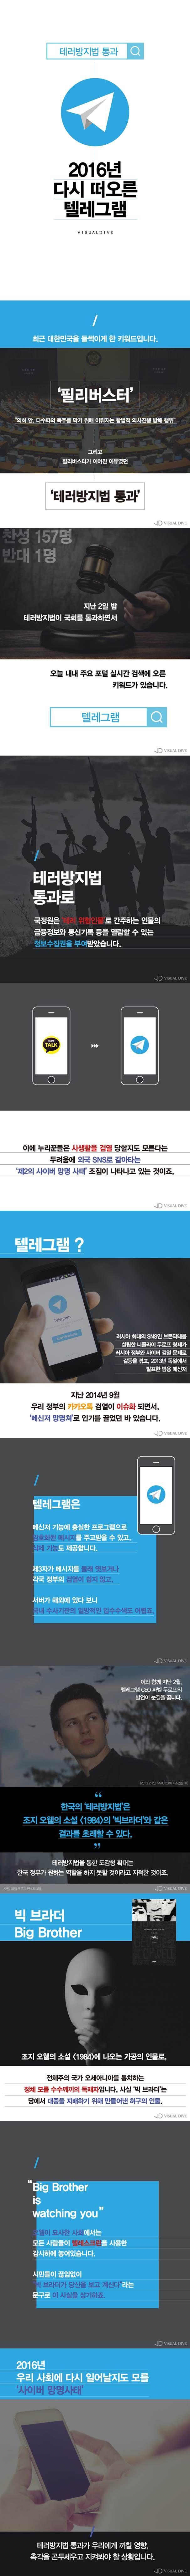 테러방지법 통과, '텔레그램' 사이버 망명 재현될까? [카드뉴스] #telegram / #cardnews ⓒ 비주얼다이브 무단 복사·전재·재배포 금지